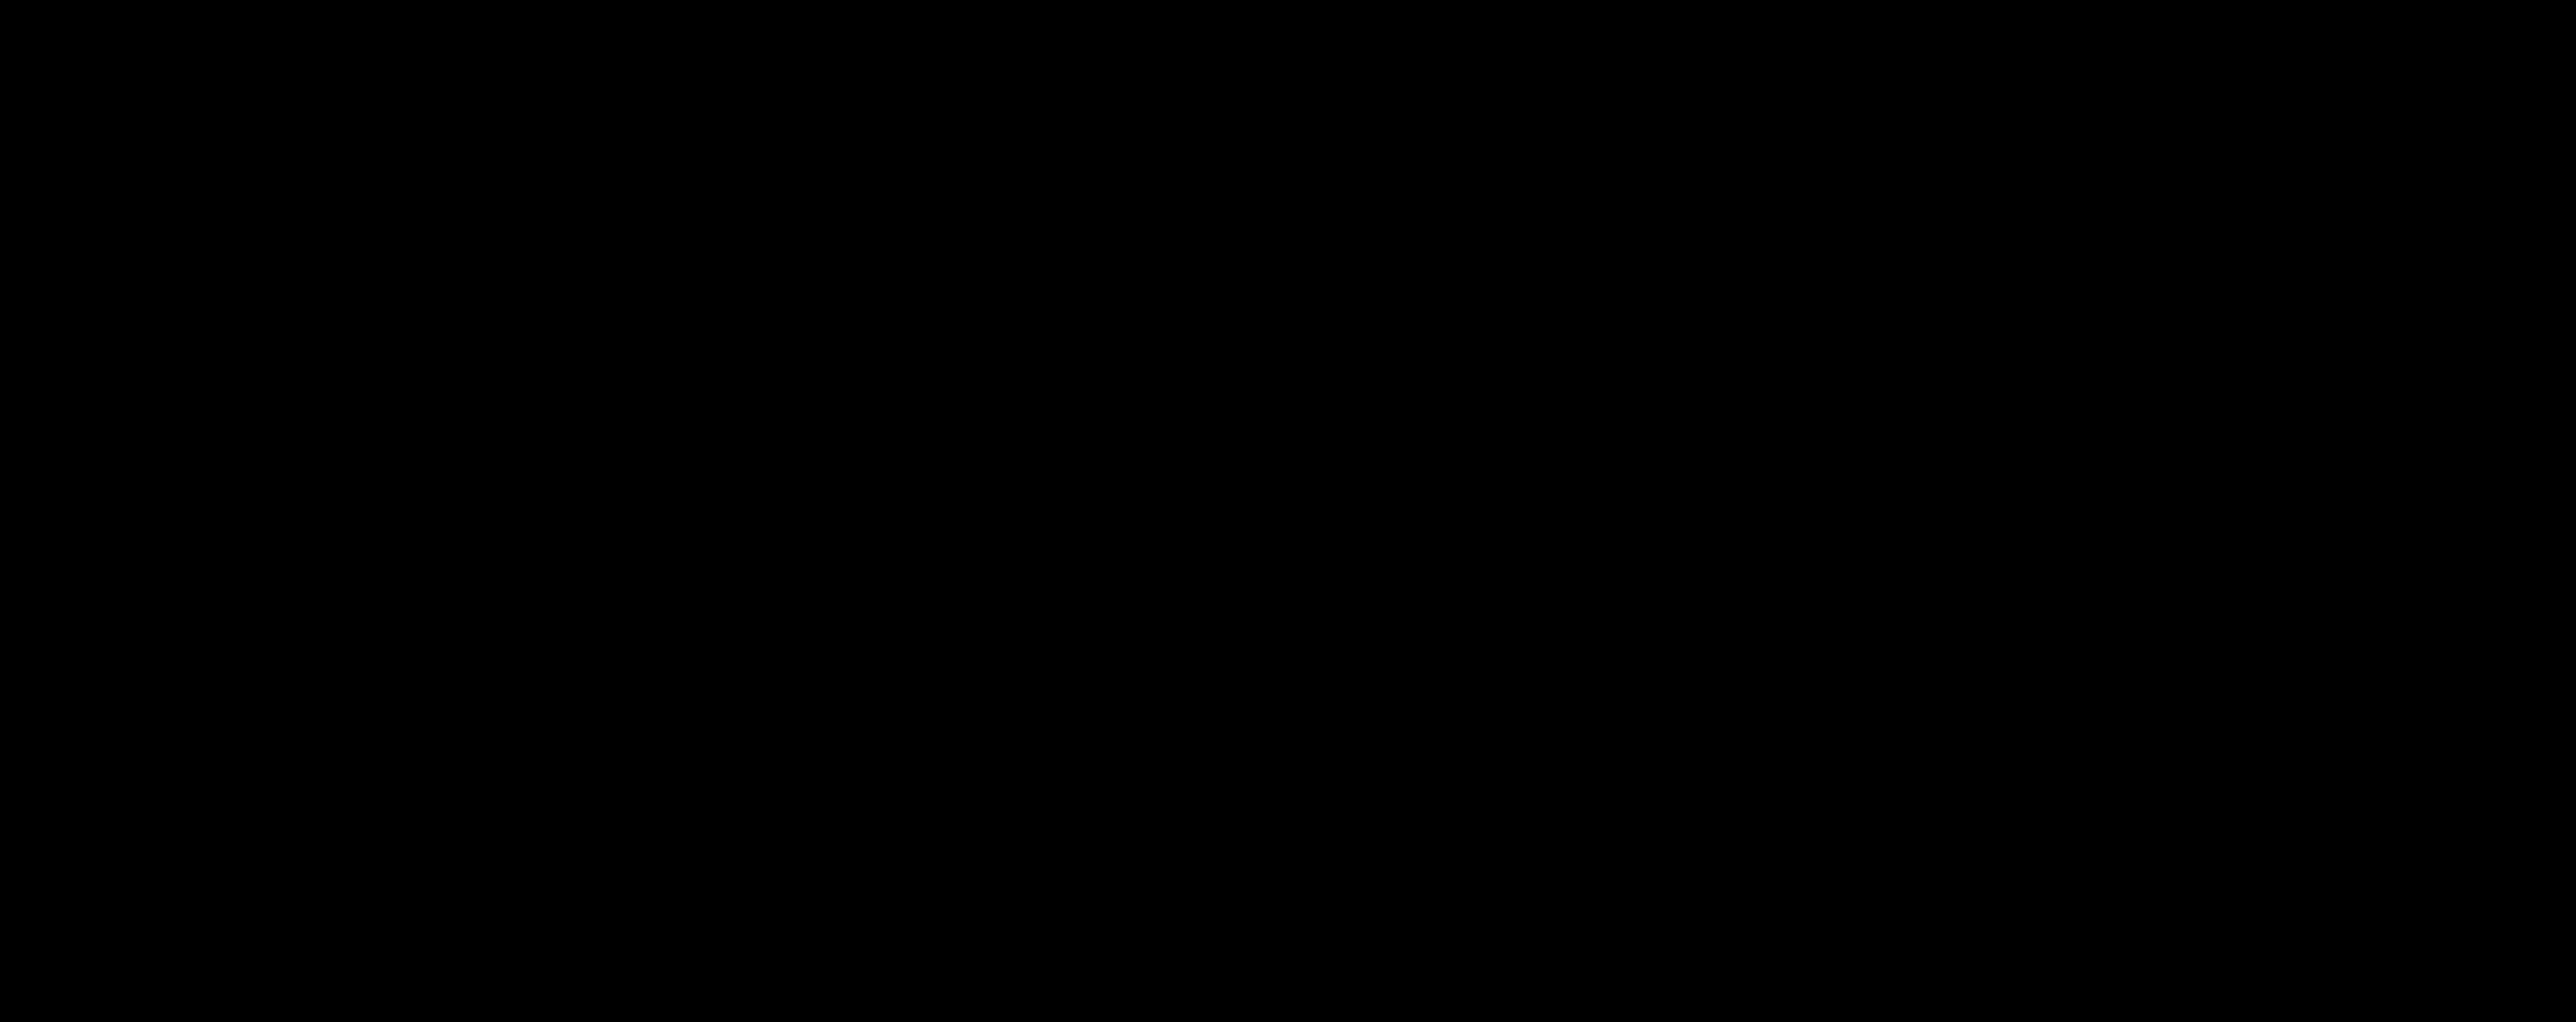 PN_2014_Women_Logo_v3-01